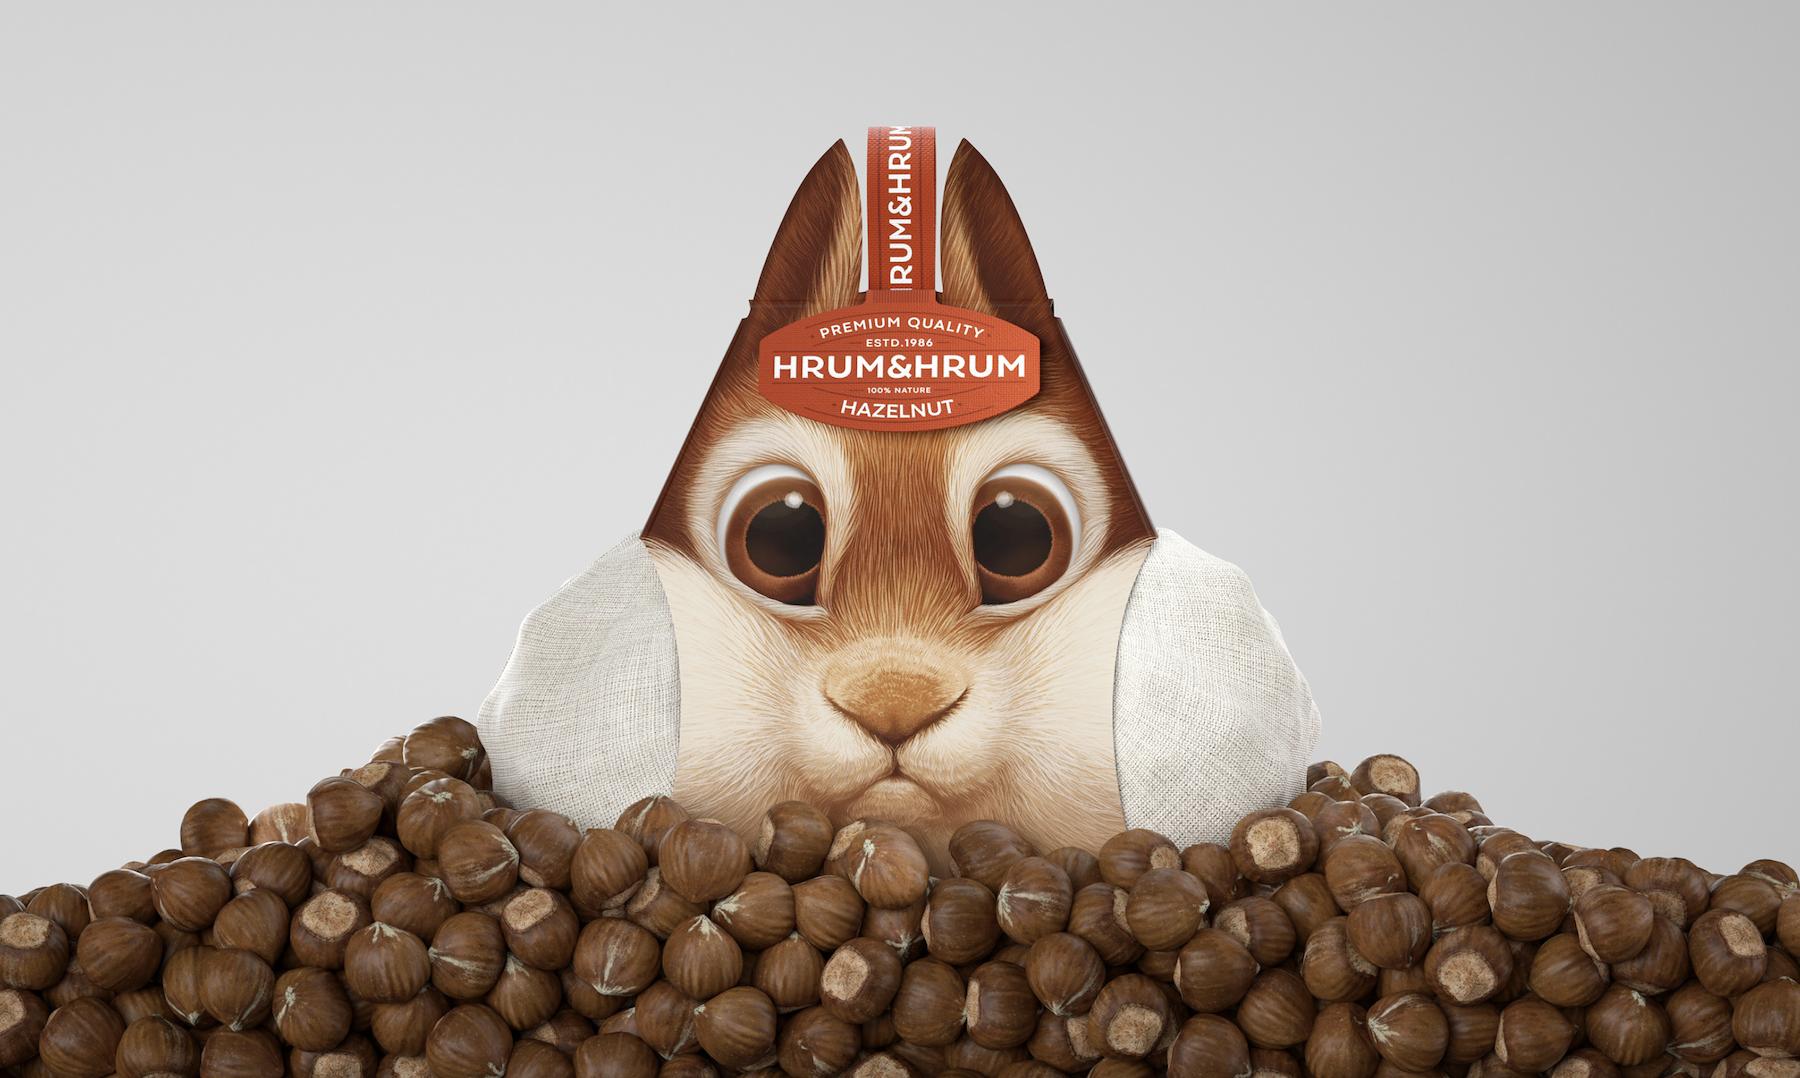 Un adorable packaging en forme d'écureuil pour vendre des noisettes